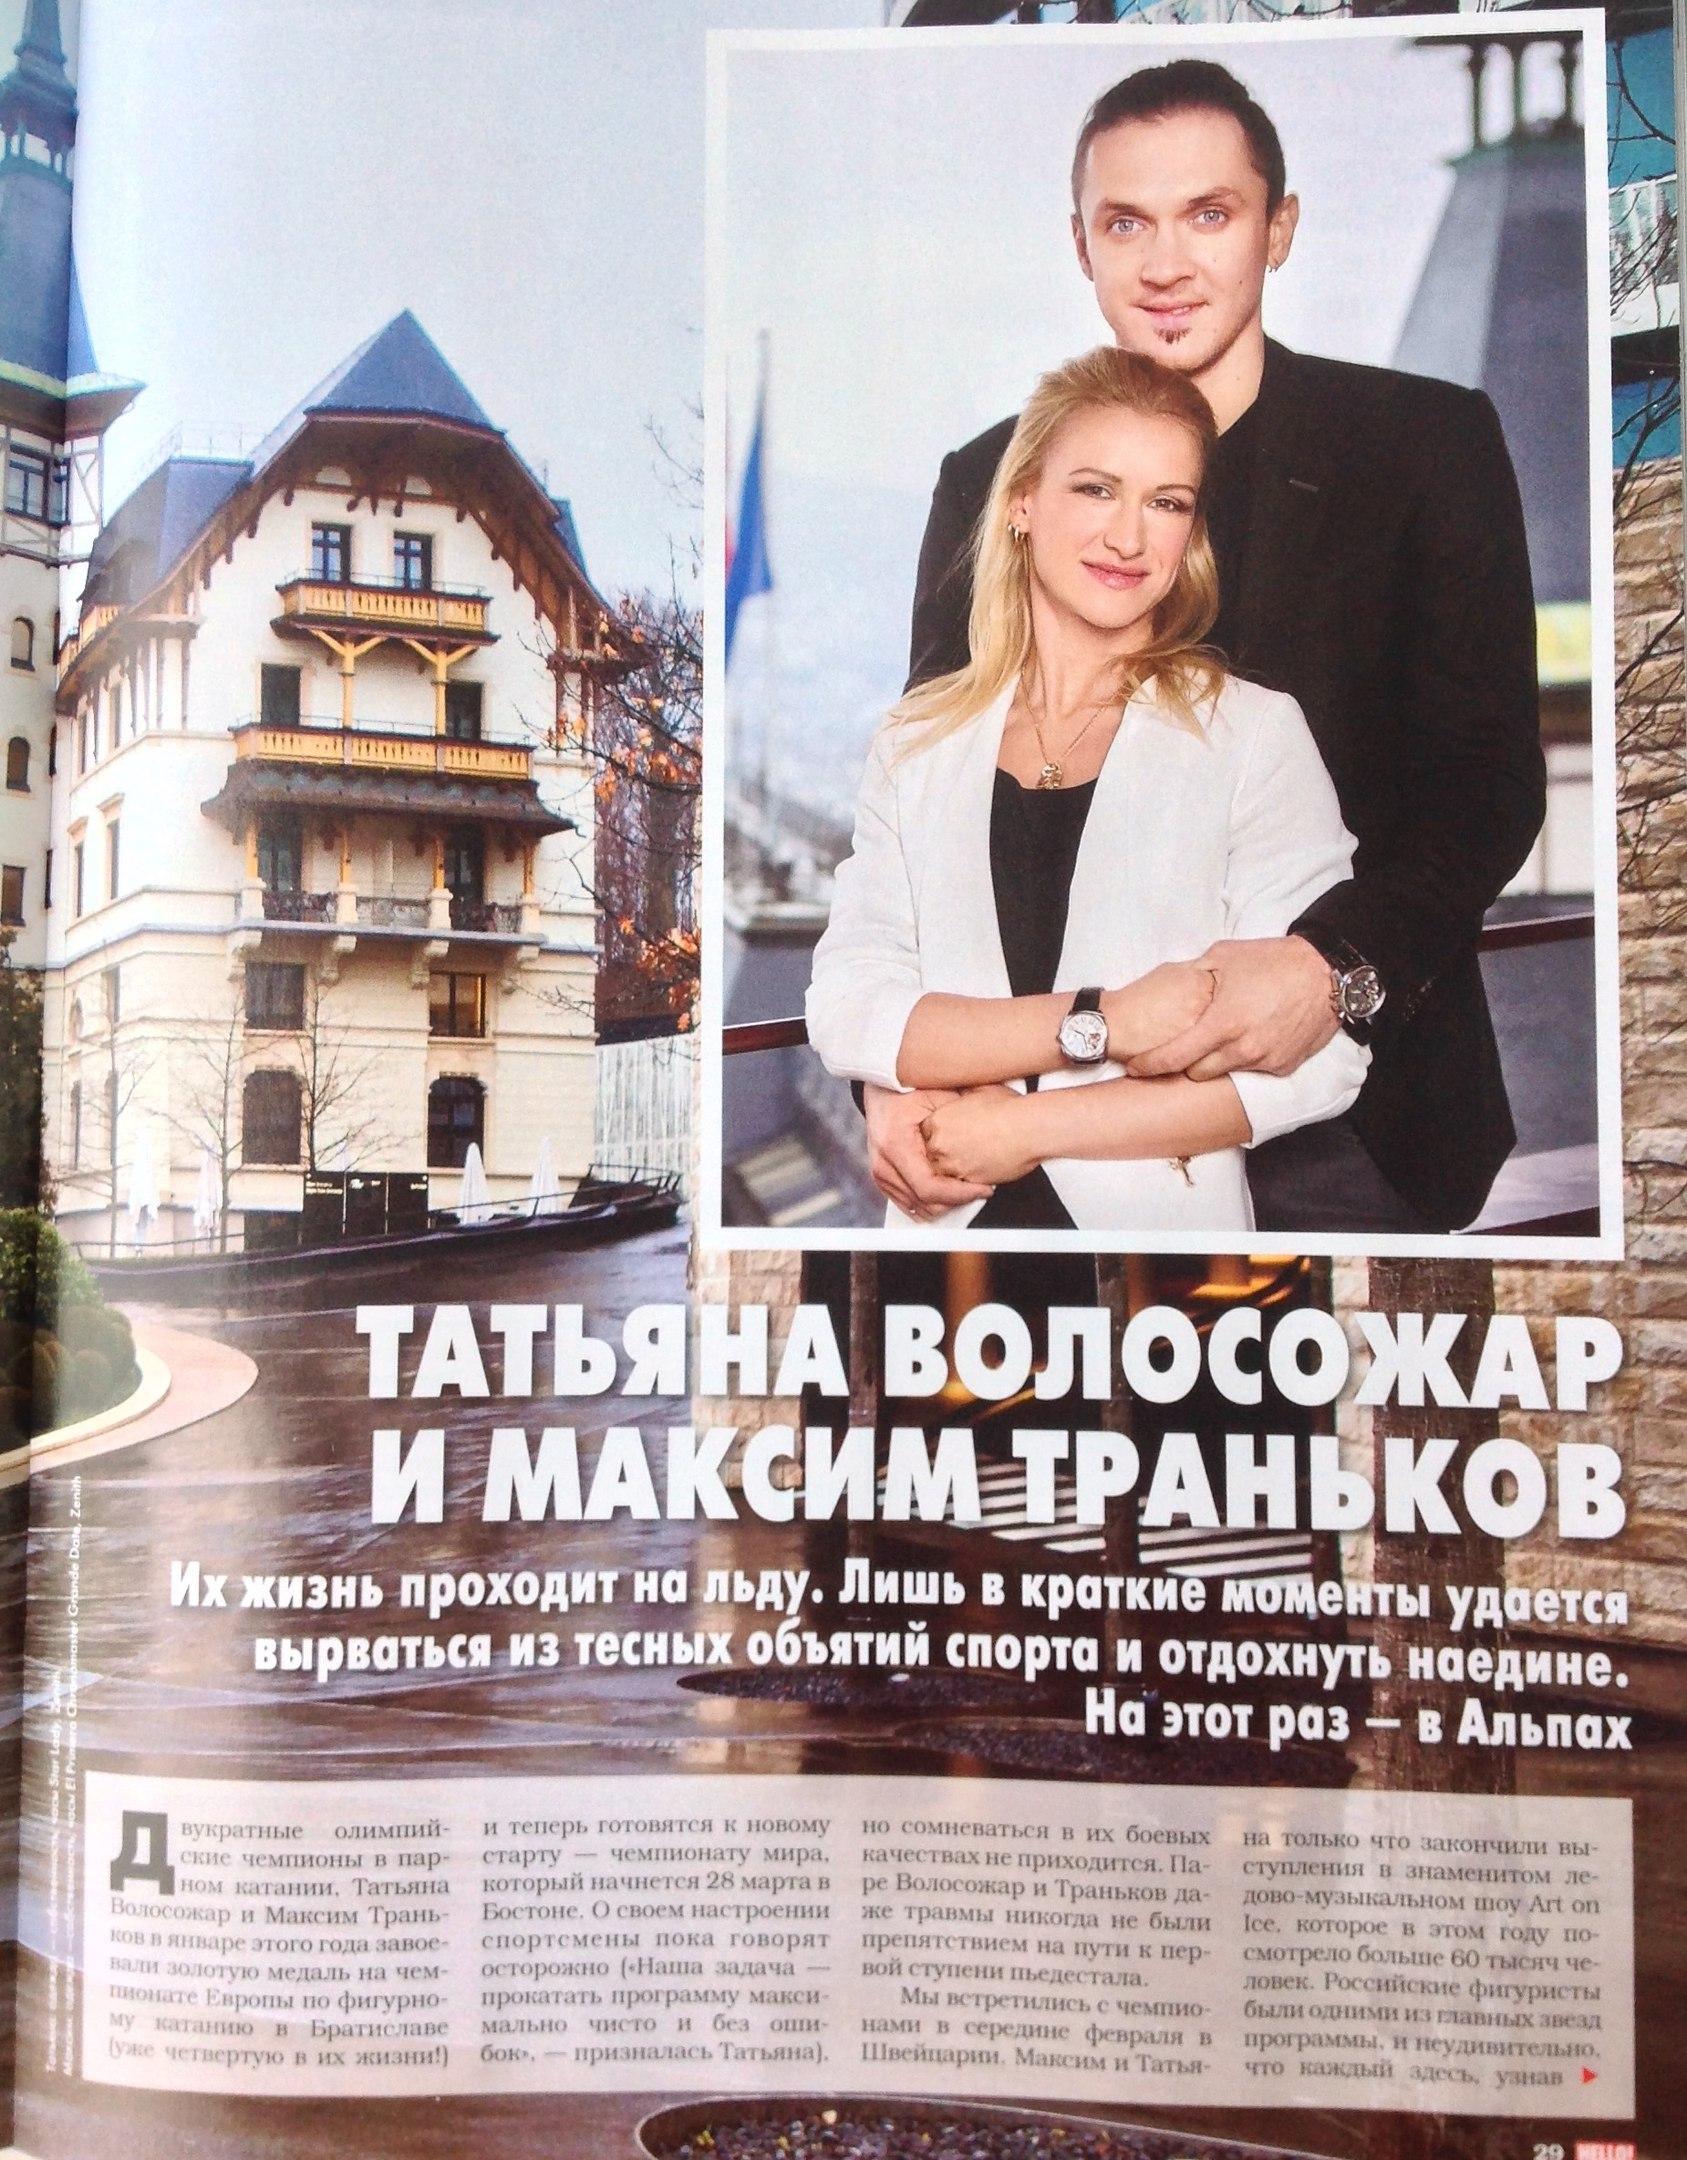 Татьяна Волосожар - Максим Траньков - 2 - Страница 50 W2stqdwJg3E